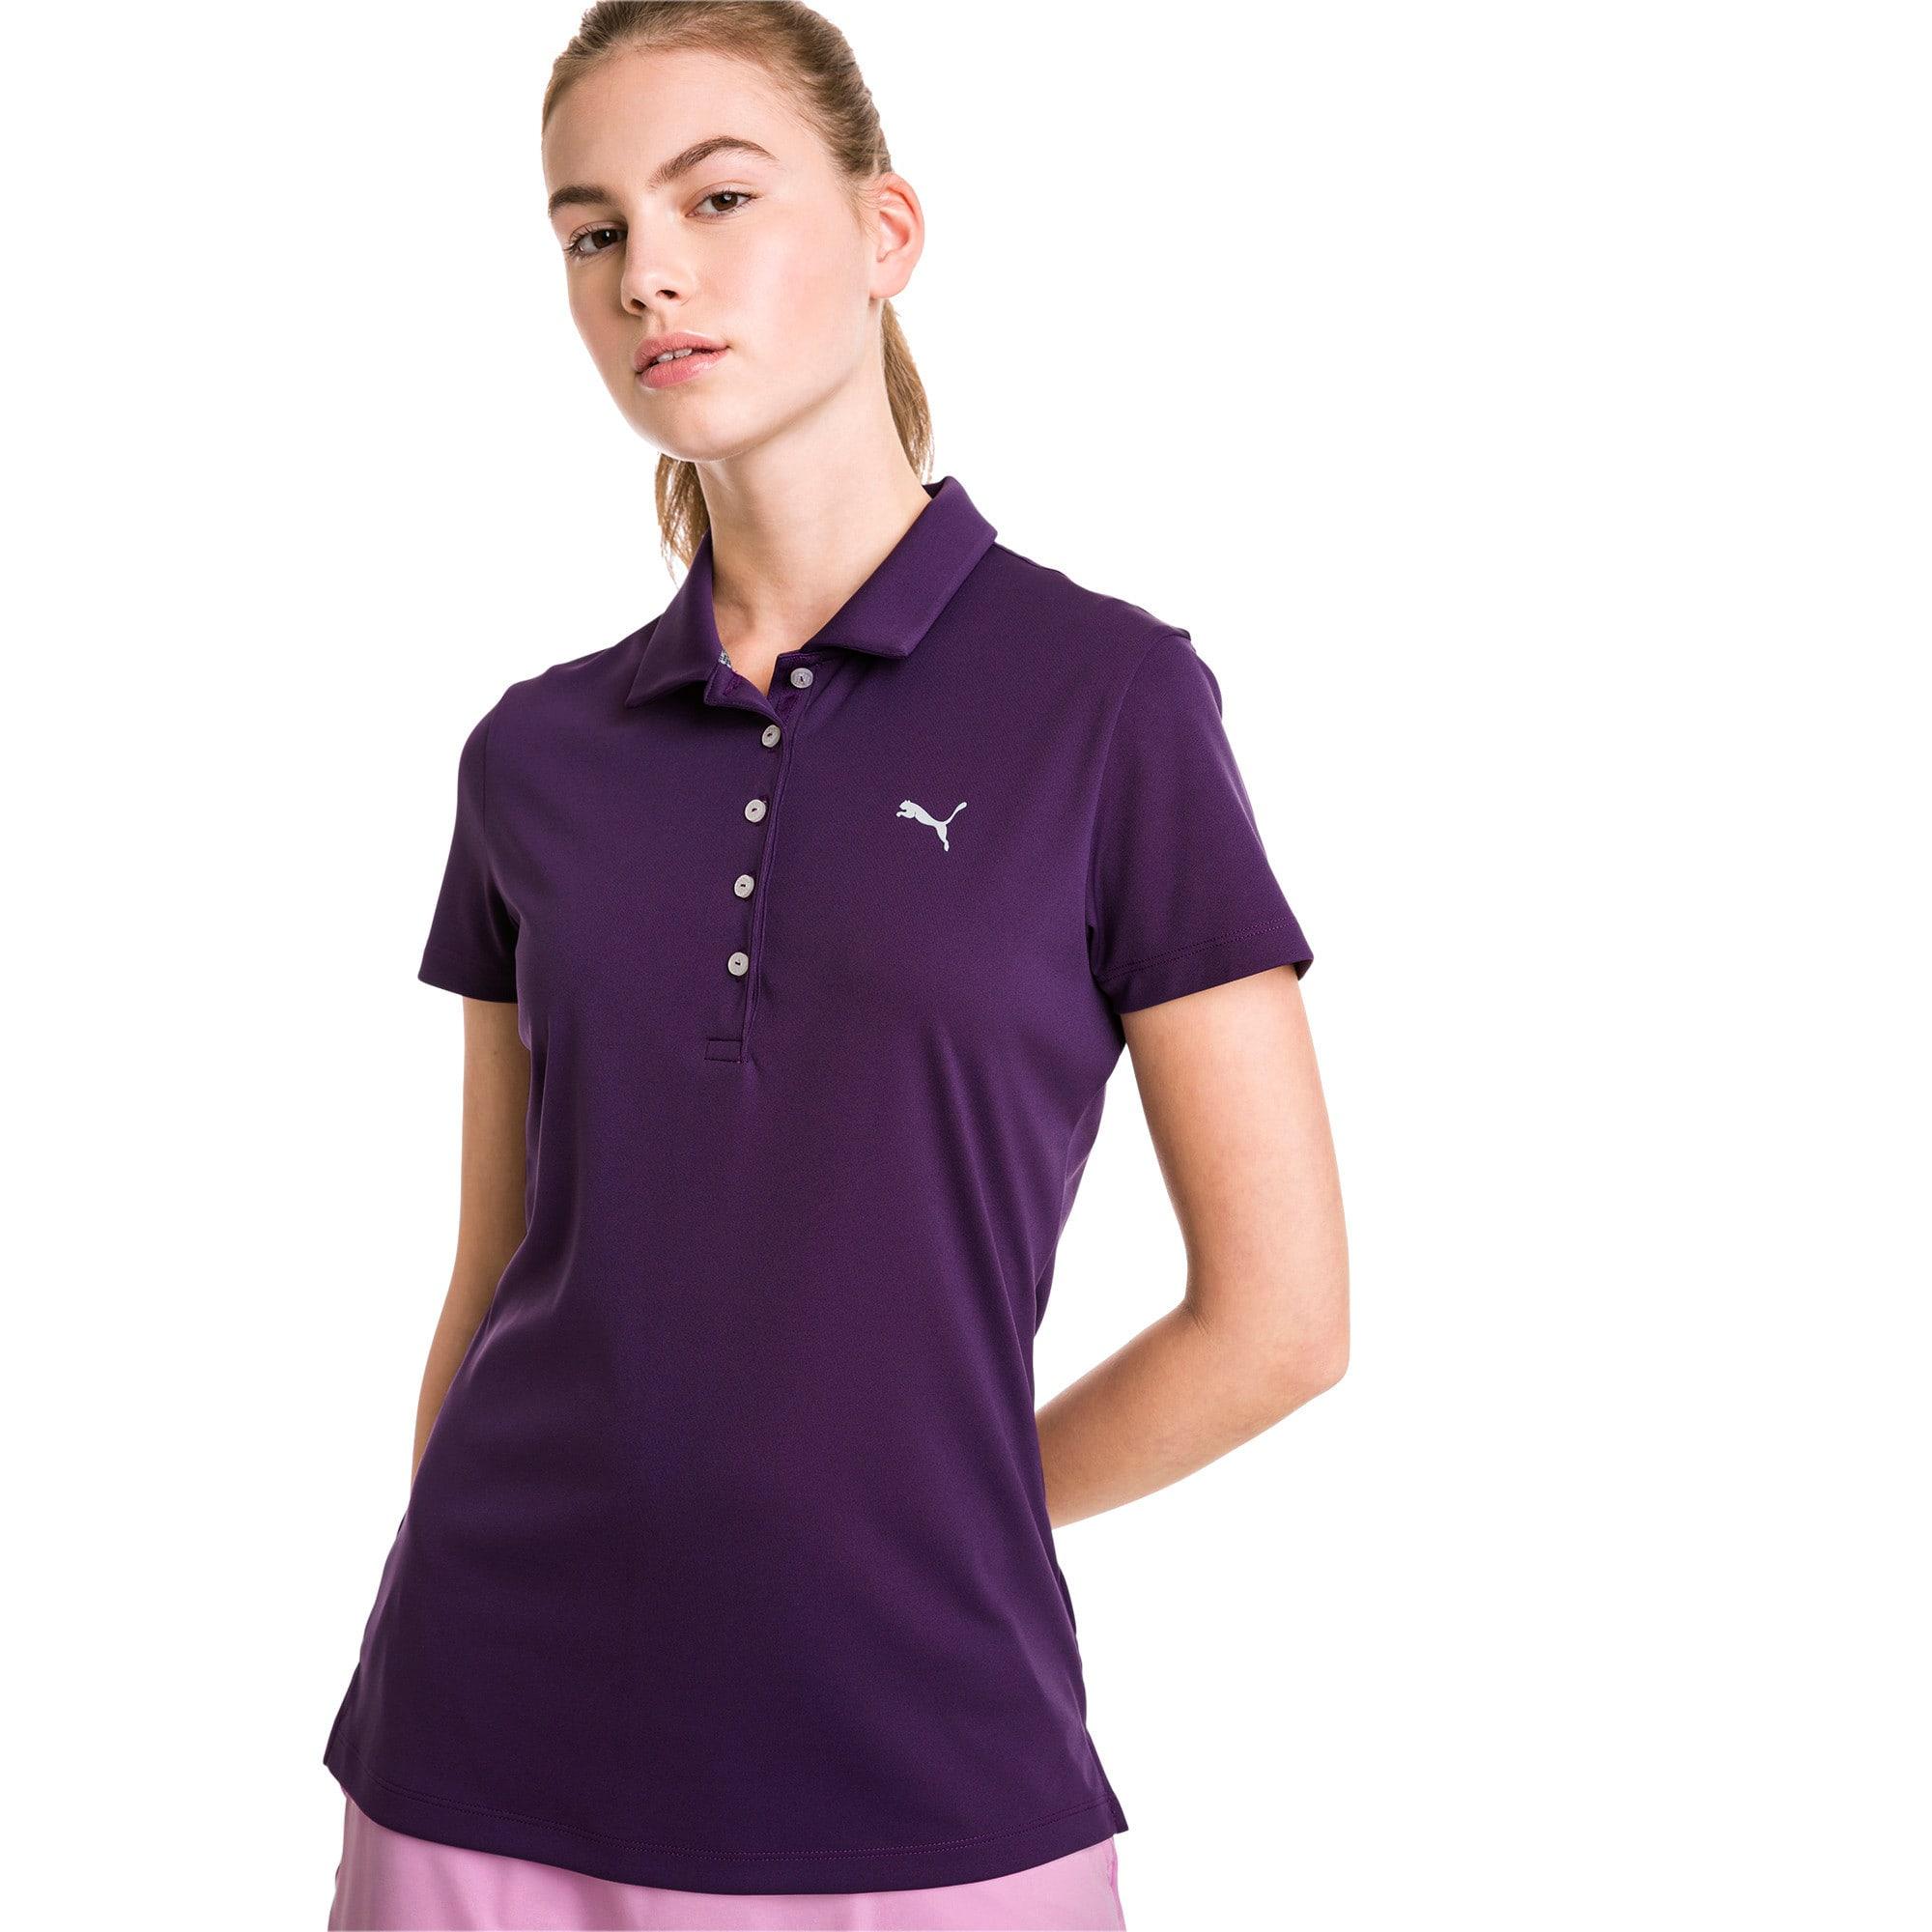 Thumbnail 1 of Golf Women's Pounce Polo, Indigo, medium